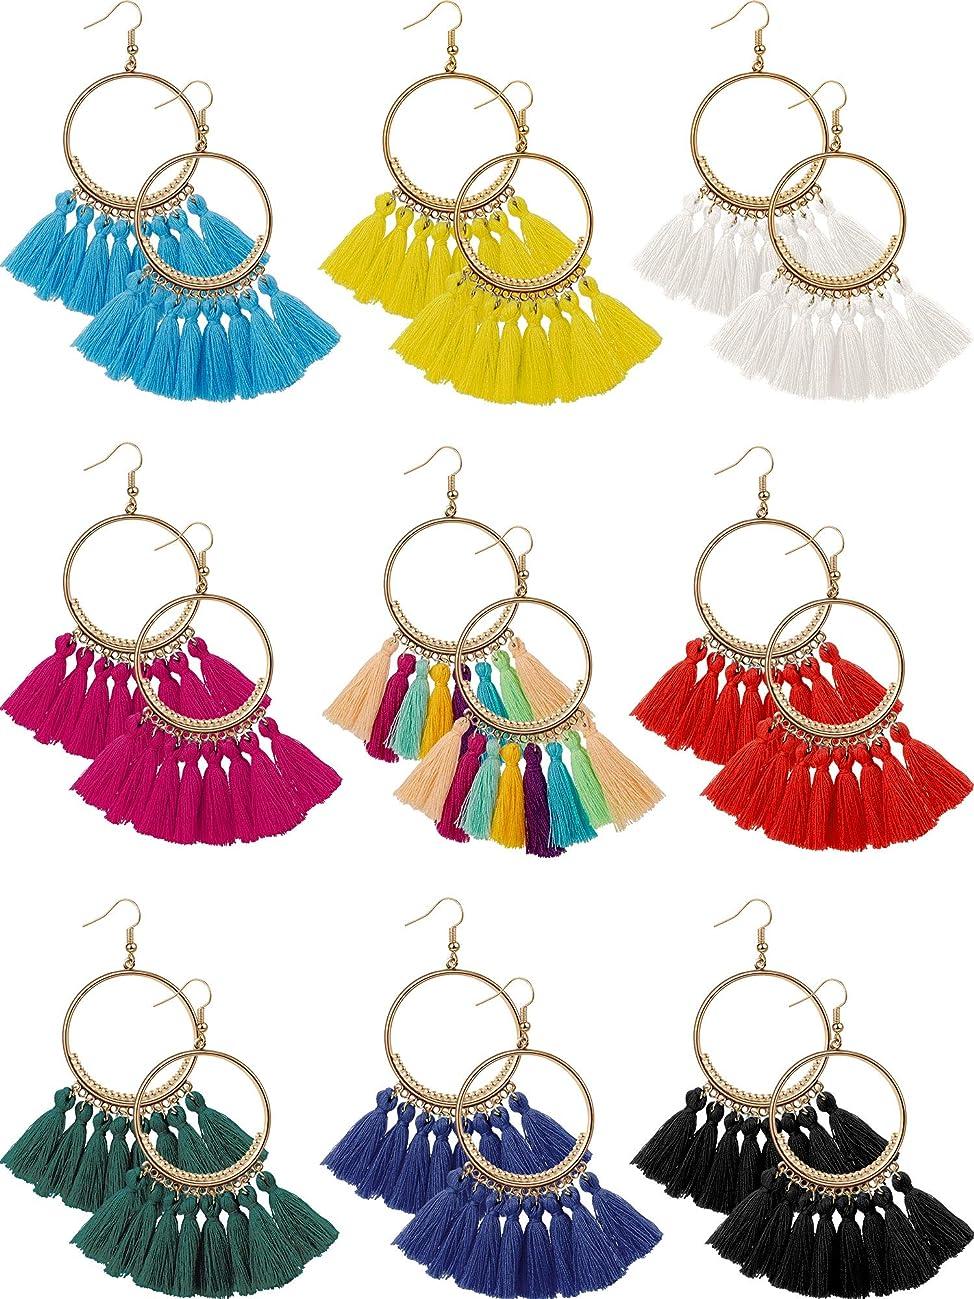 9 Pairs Tassel Hoop Earrings Bohemia Fan Shape Drop Earrings Dangle Hook Eardrop for Women Girls Party Bohemia Dress Accessory